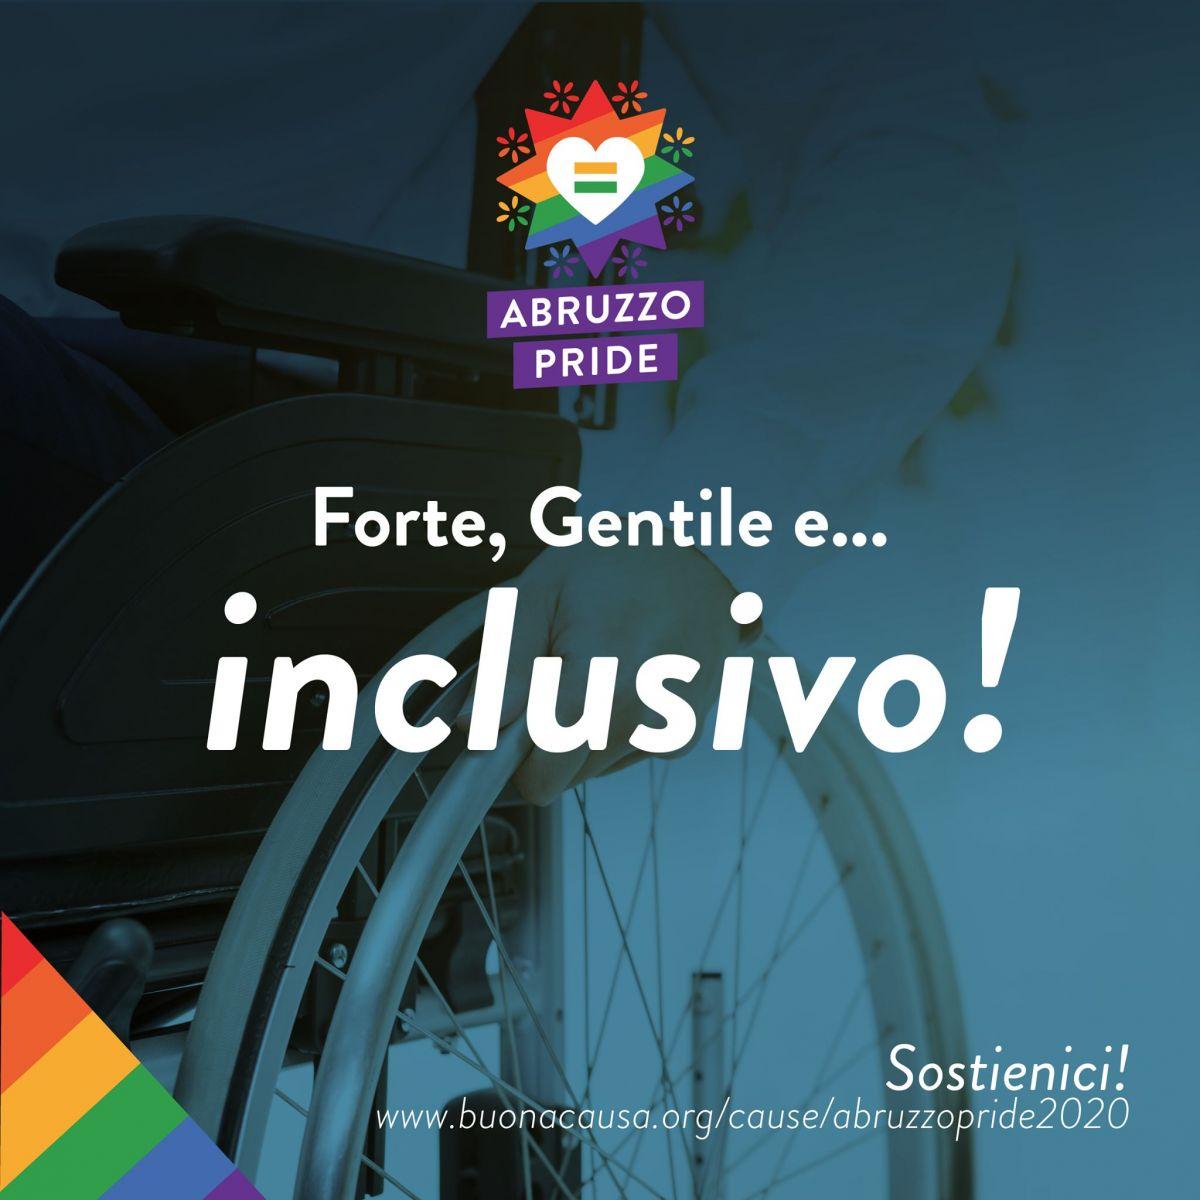 Forte, Gentile e... inclusivo